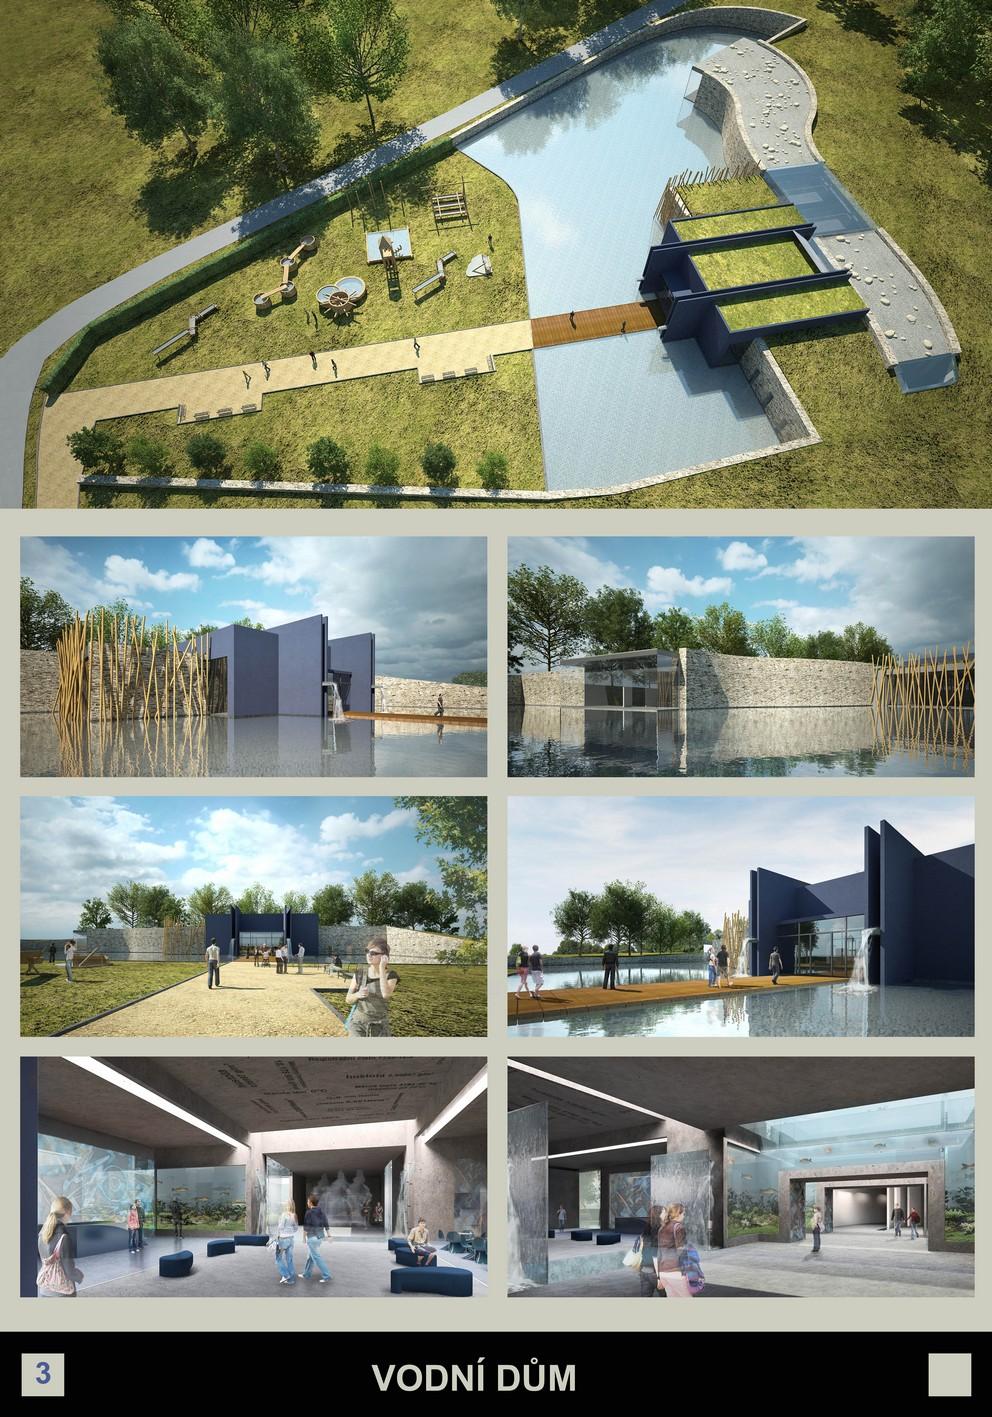 Vodní dům_8